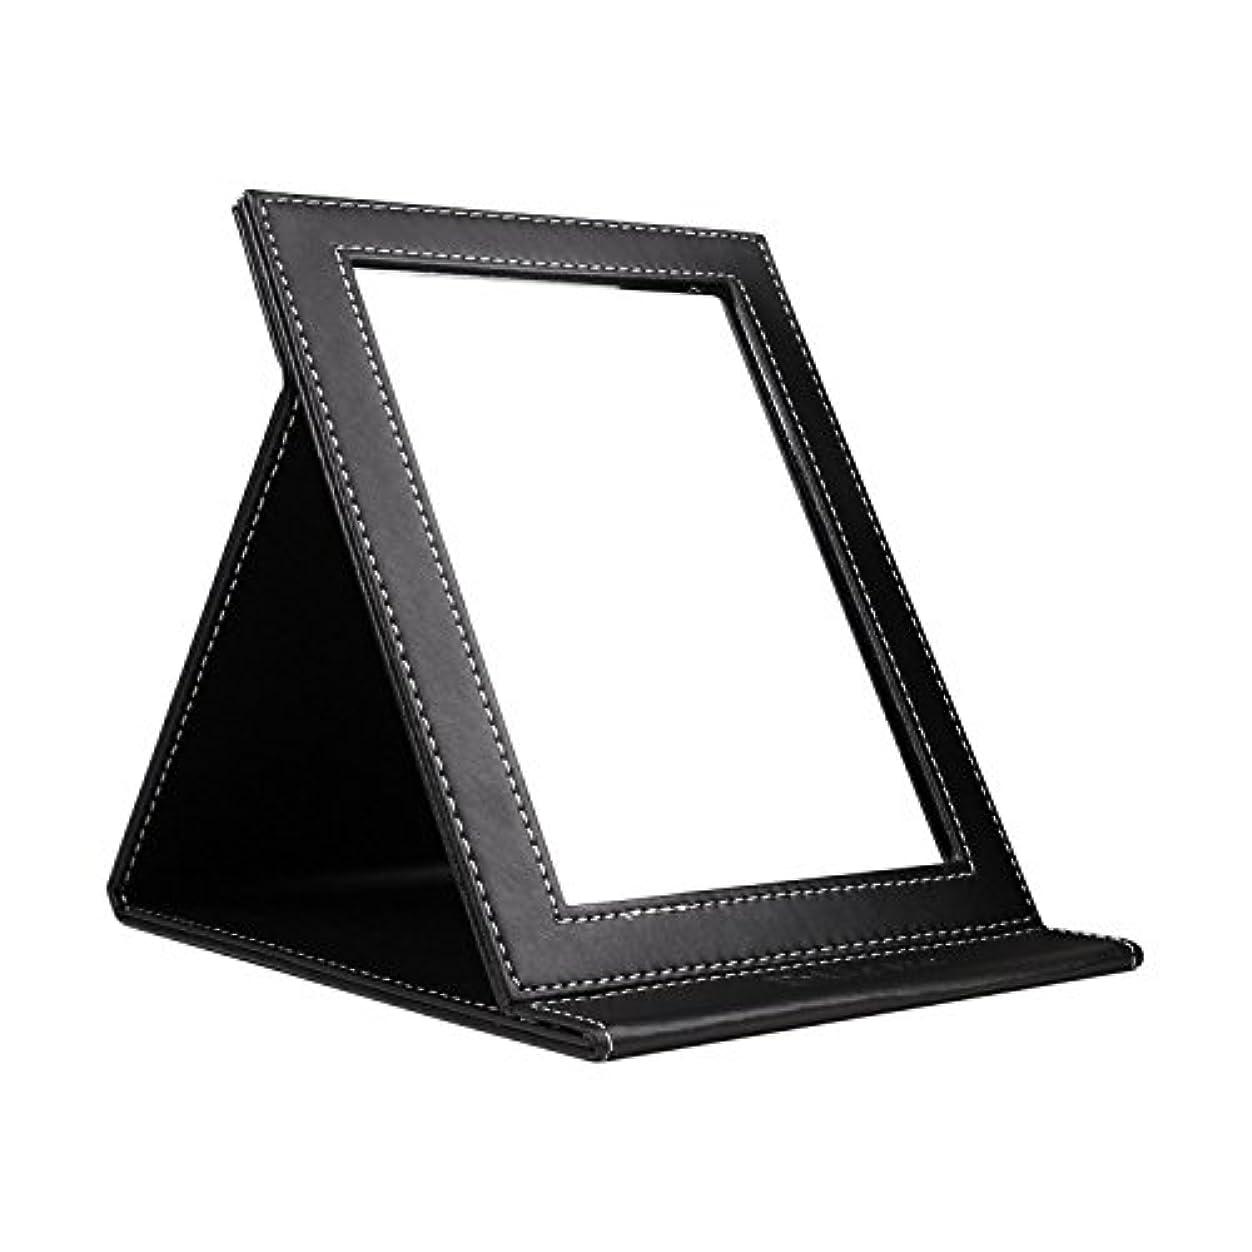 リーフレット休戦メジャーDUcare ドゥケア 化粧鏡 スタンドミラー 折りたたみ式 角度調整自由自在 上質PUレザー使用